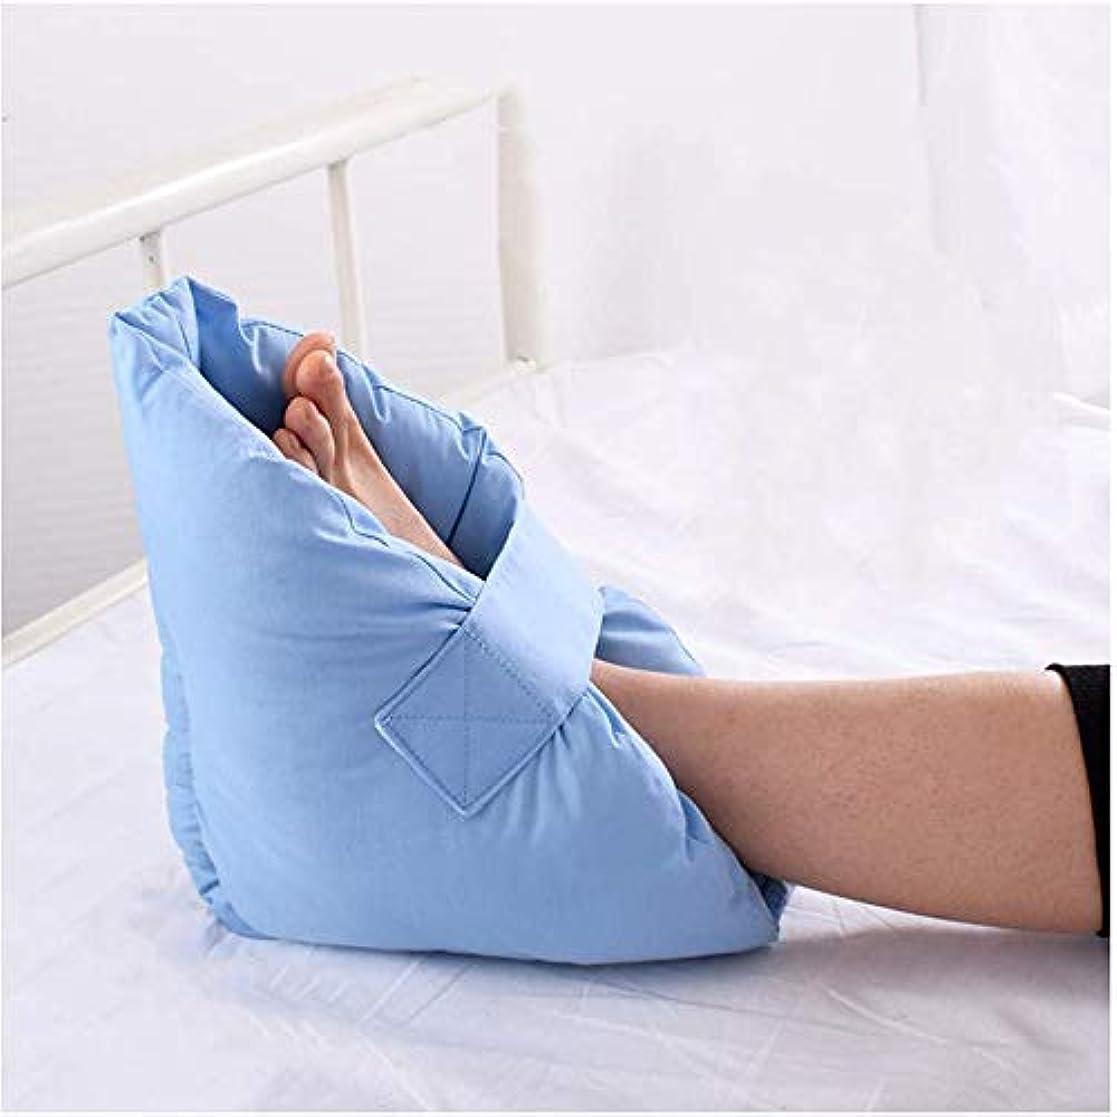 入場料教えて奇跡ヒールクッションプロテクター2個褥瘡を保護します足首サポート 暖かい洗える